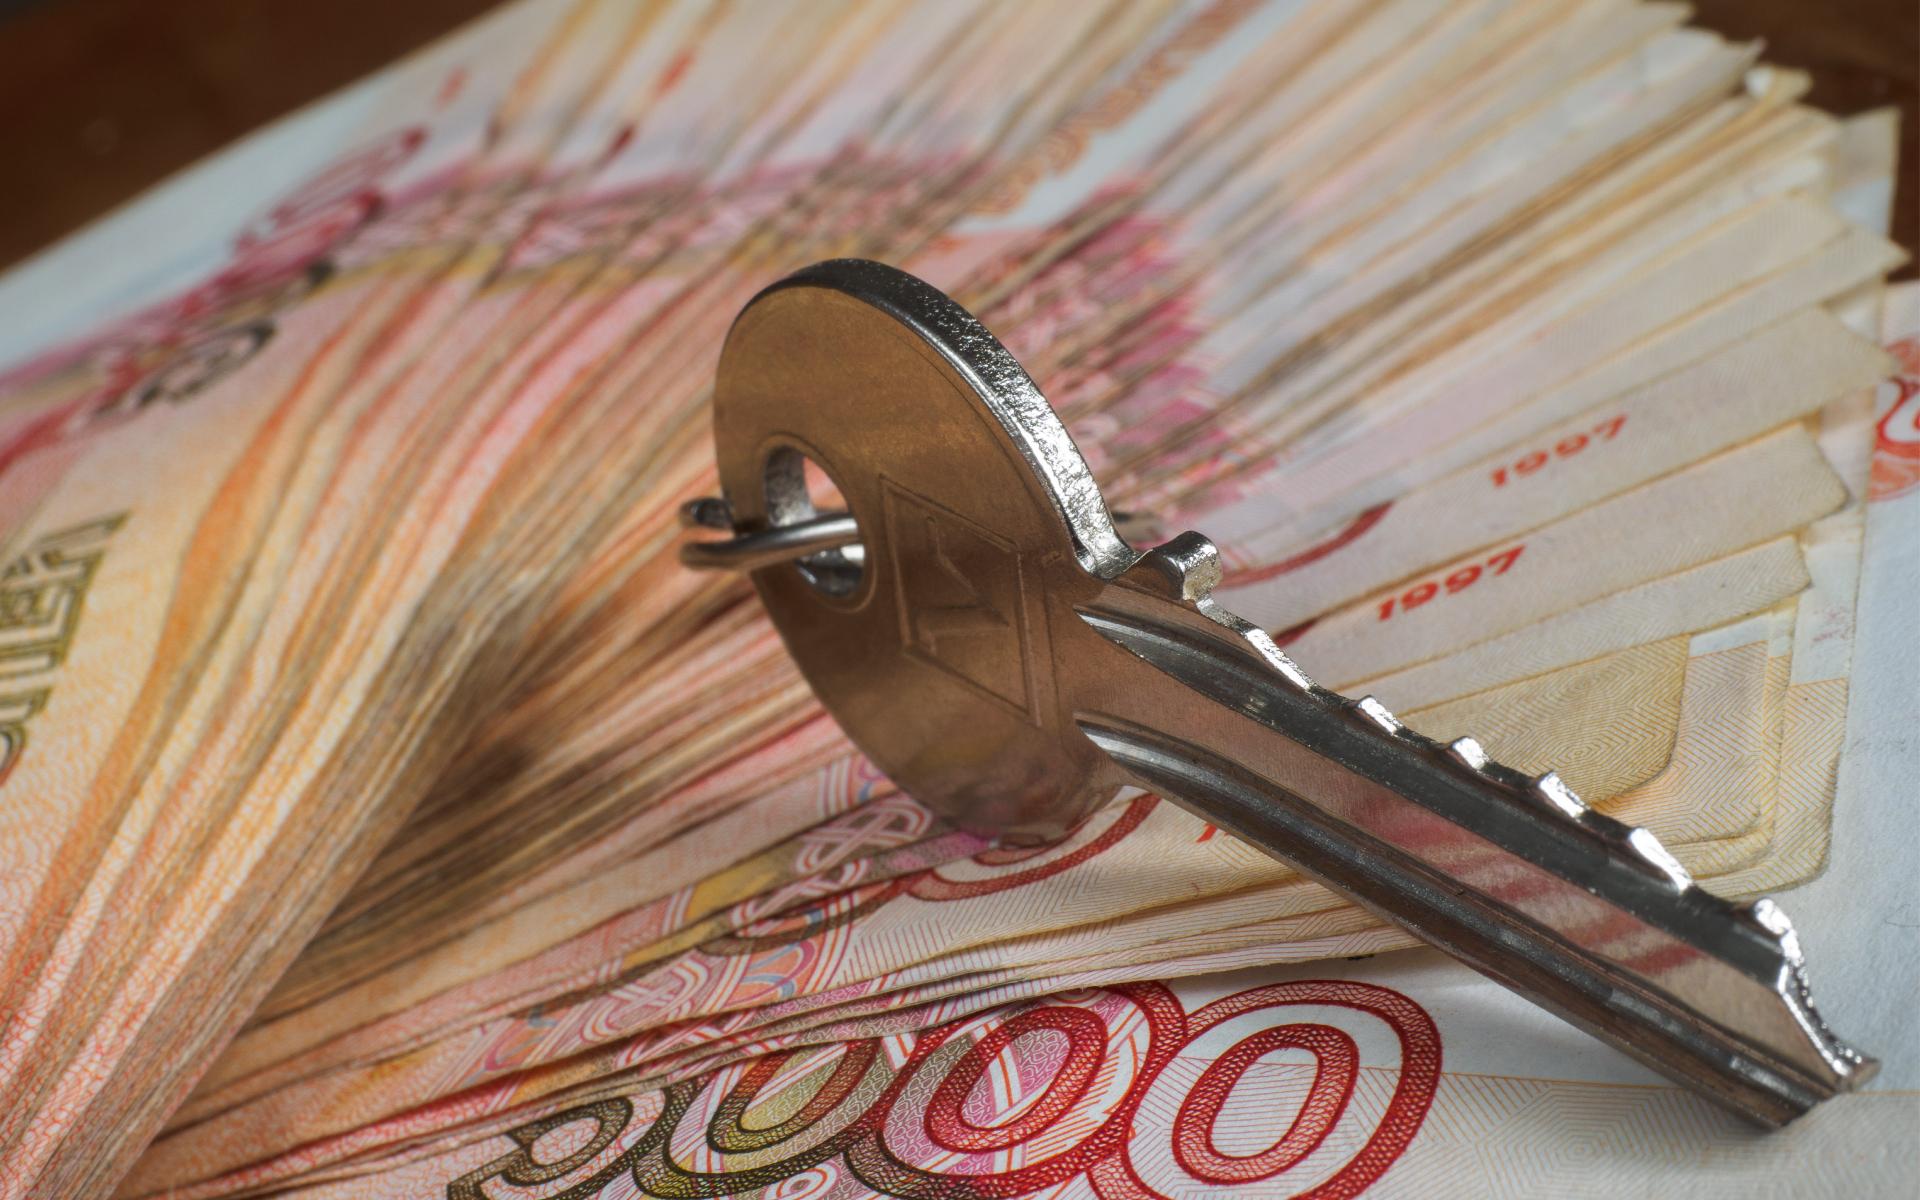 Внимание к деталям при приобретении жилья на вторичном рынке убережет покупателя от денежных потерь